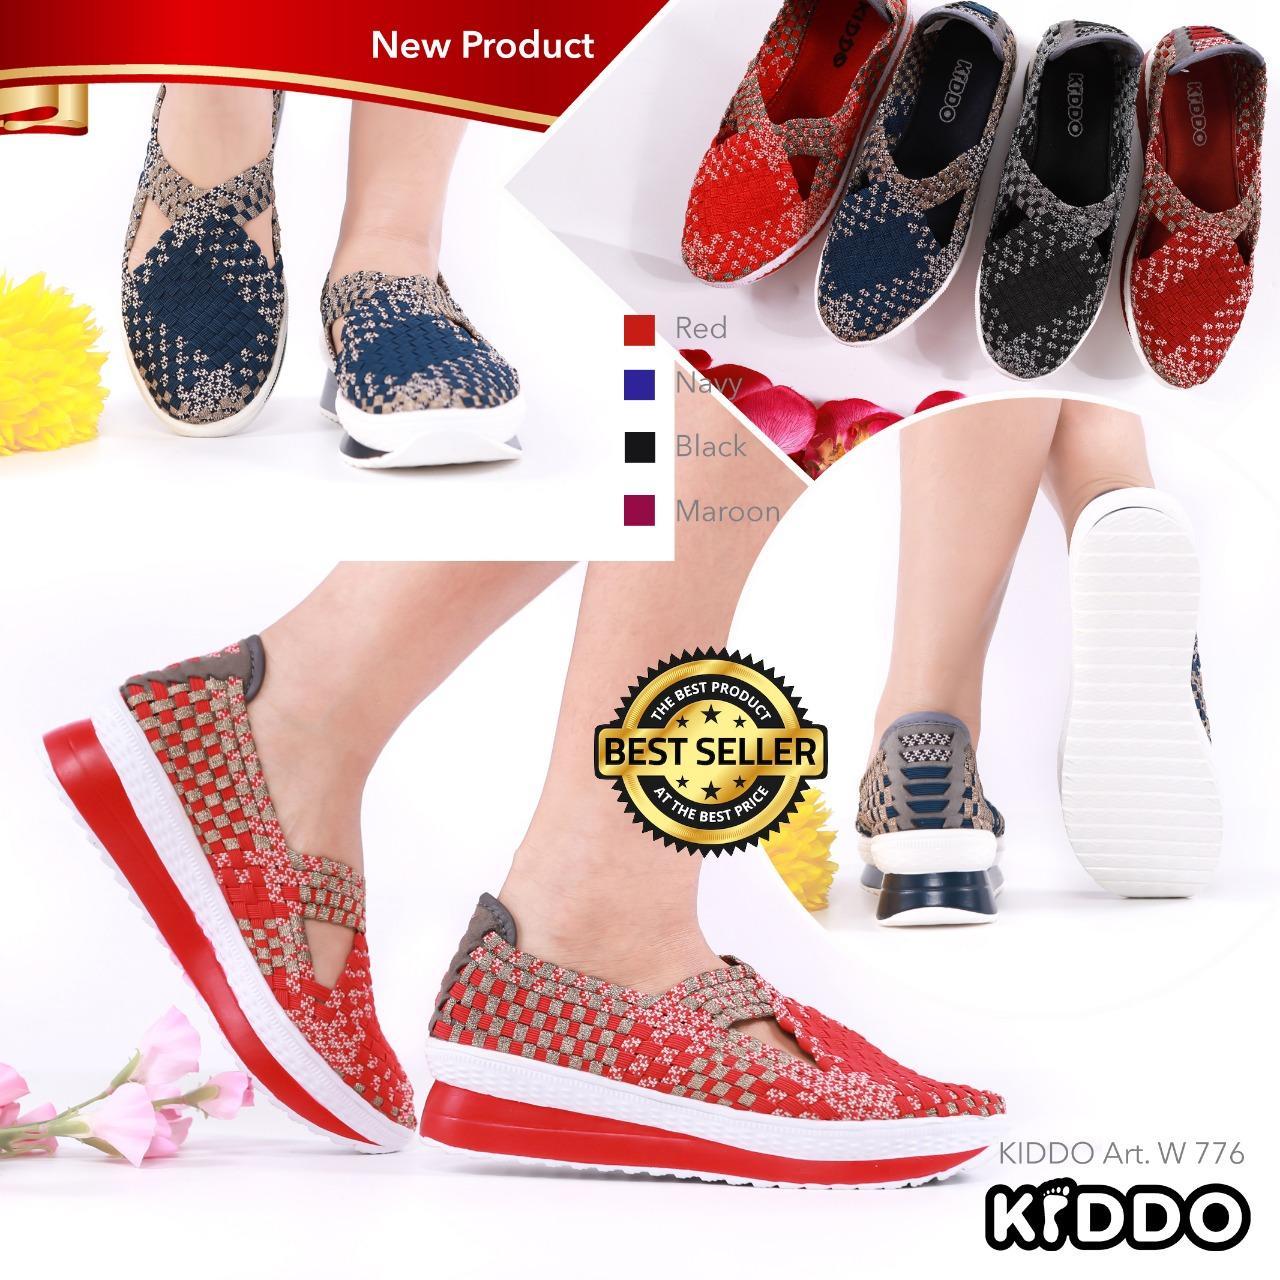 New Sepatu Anyam Kiddo Wedges Type 168 1 Daftar Harga Terbaru Dan Rajut Flat Include Box Semua Tipe Anyaman Wanita W776